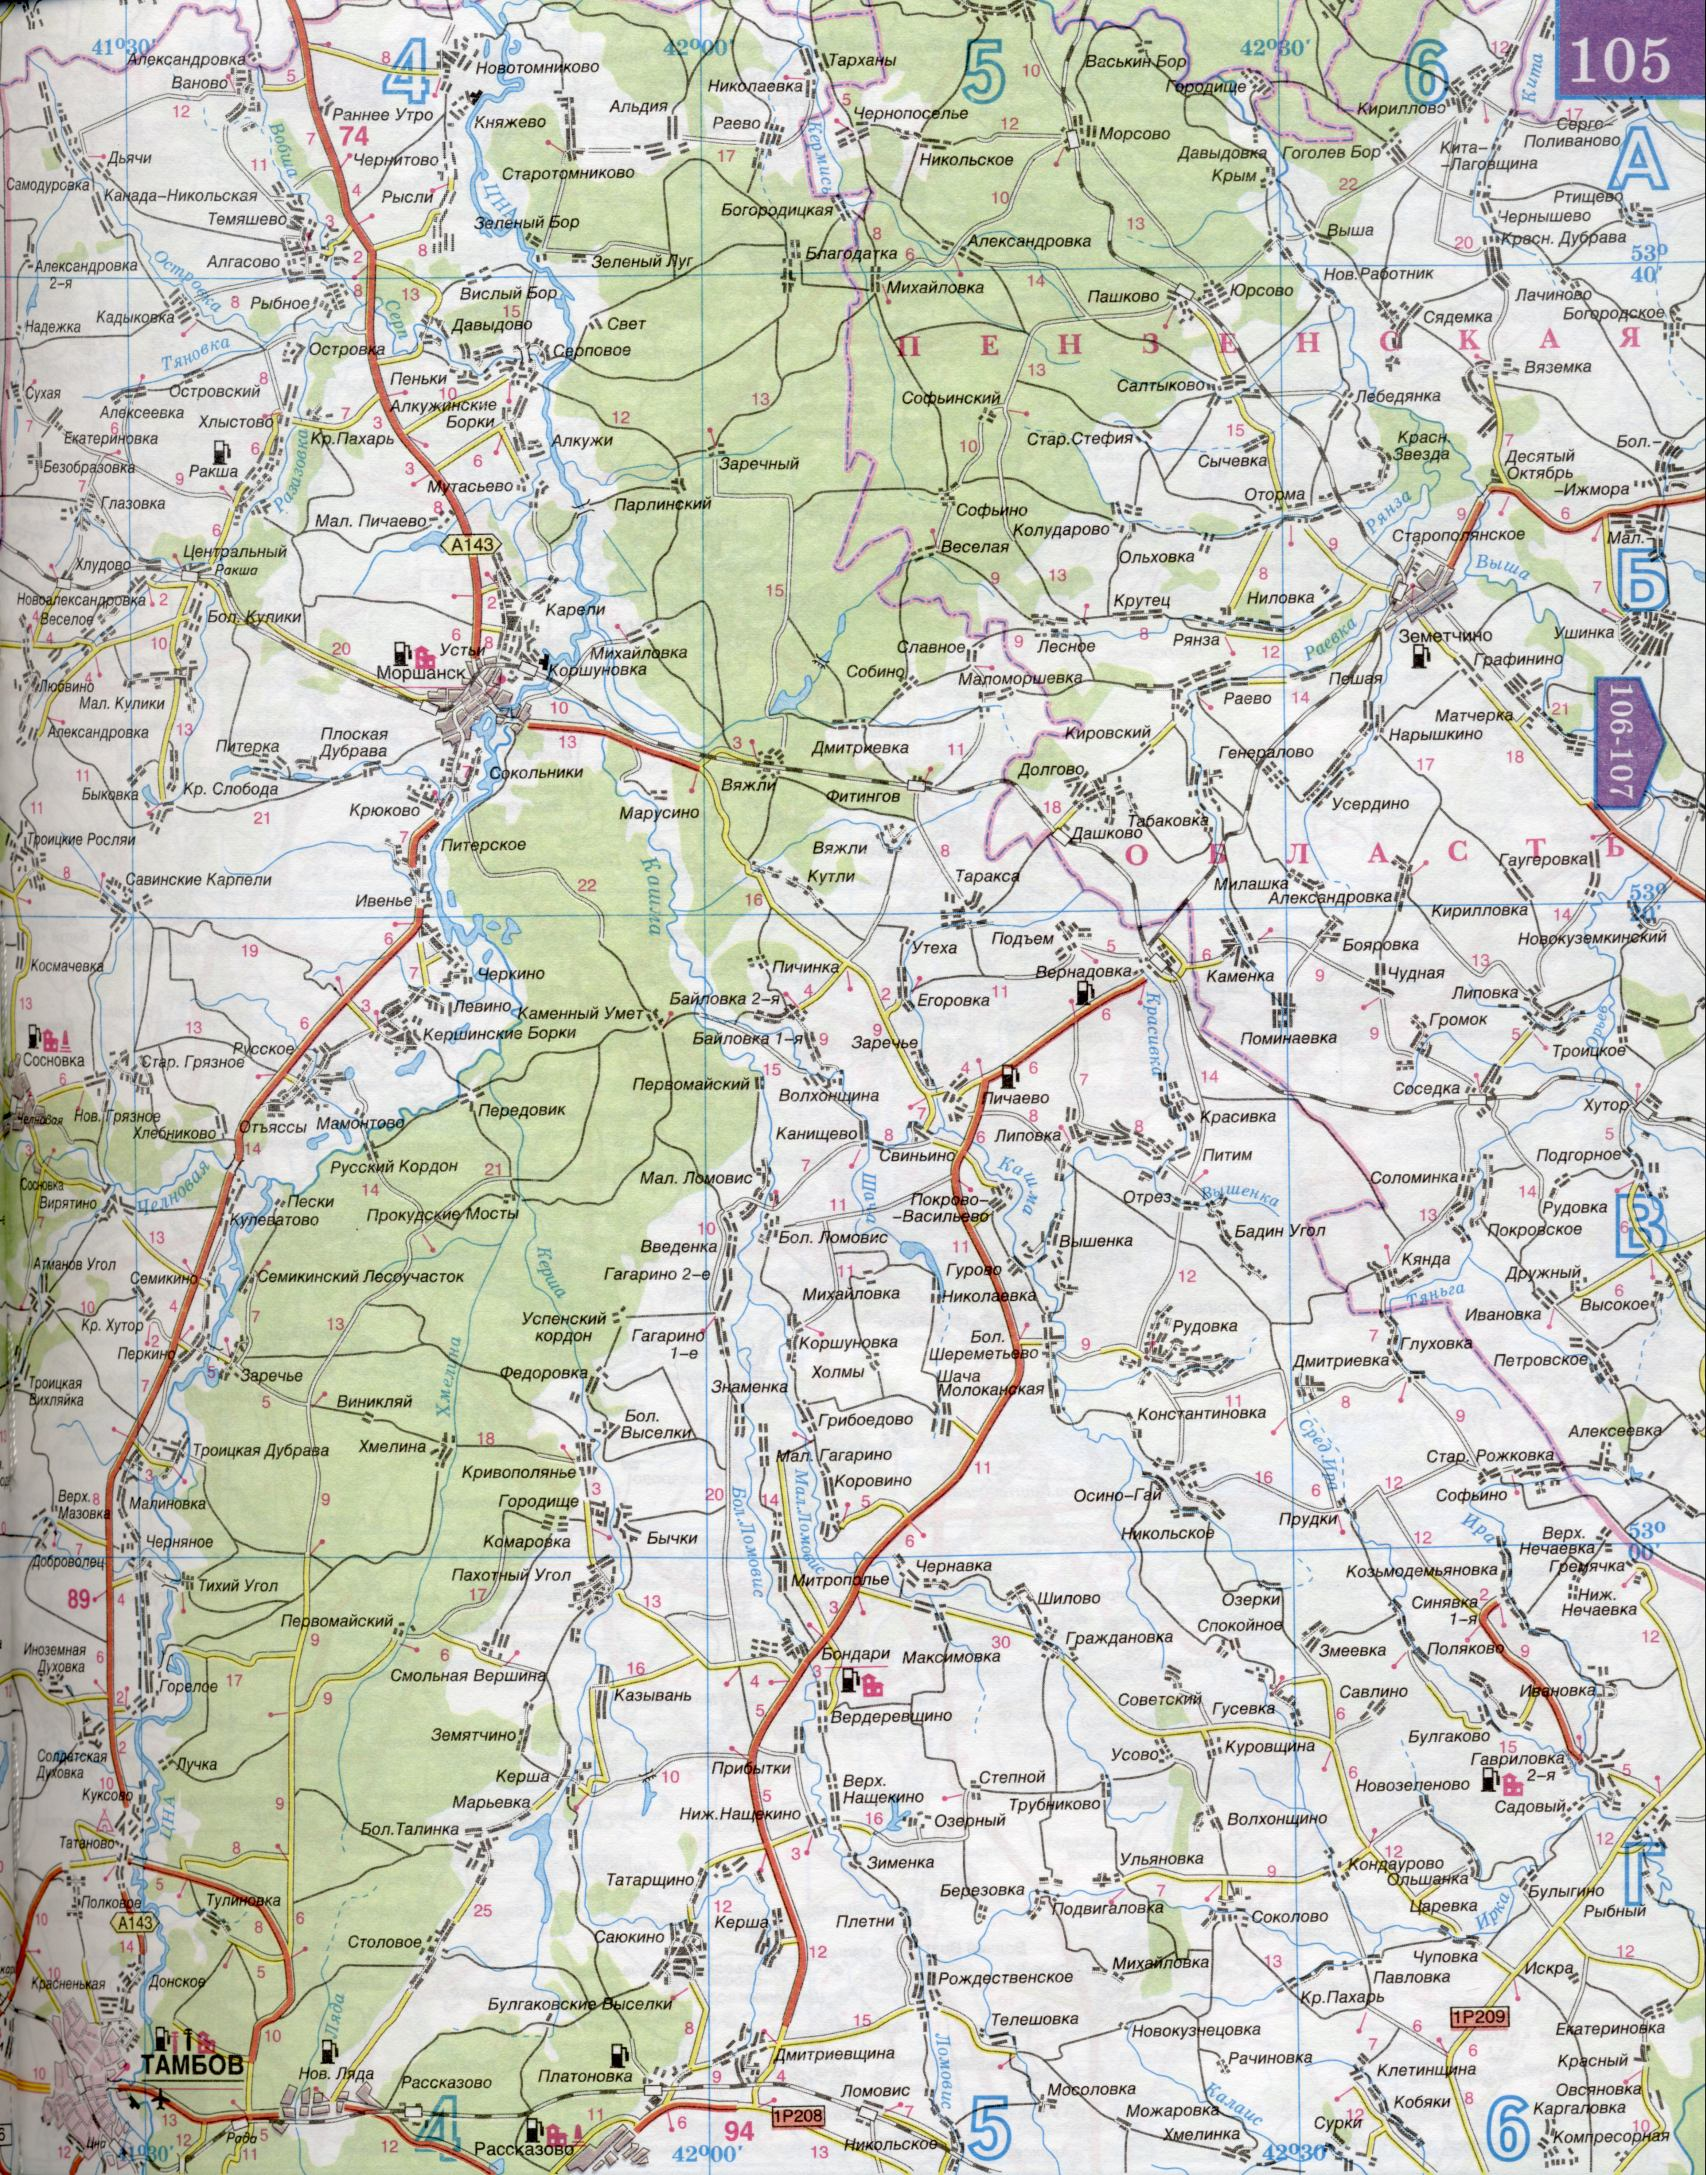 Карта Тамбовской области. Подробная карта автодорог ...: http://map-auto.ru/map316184_0_1.htm